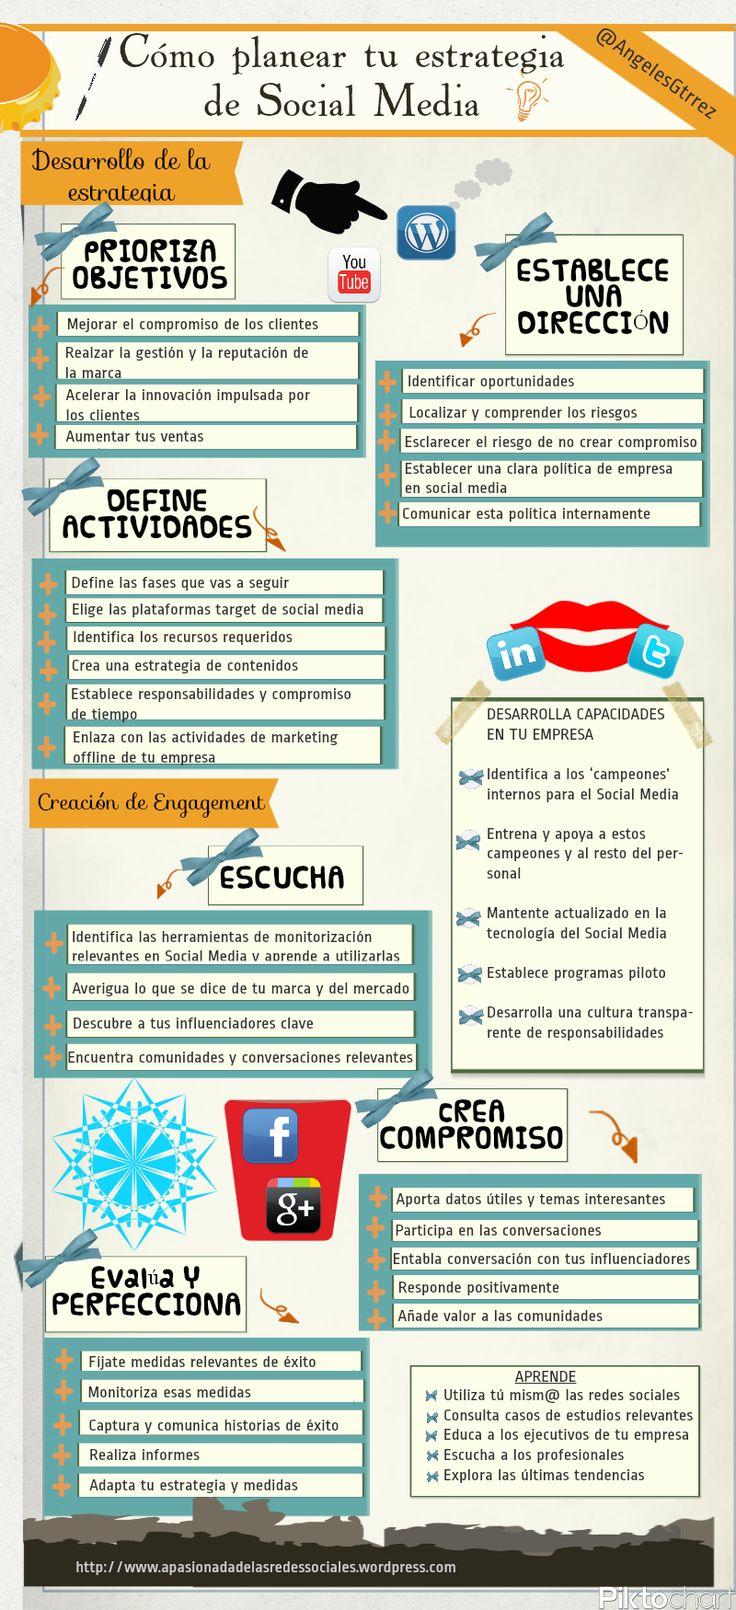 Cómo planificar una estrategia de Social Media #infografia #infographic #socialmedia | TICs y Formación